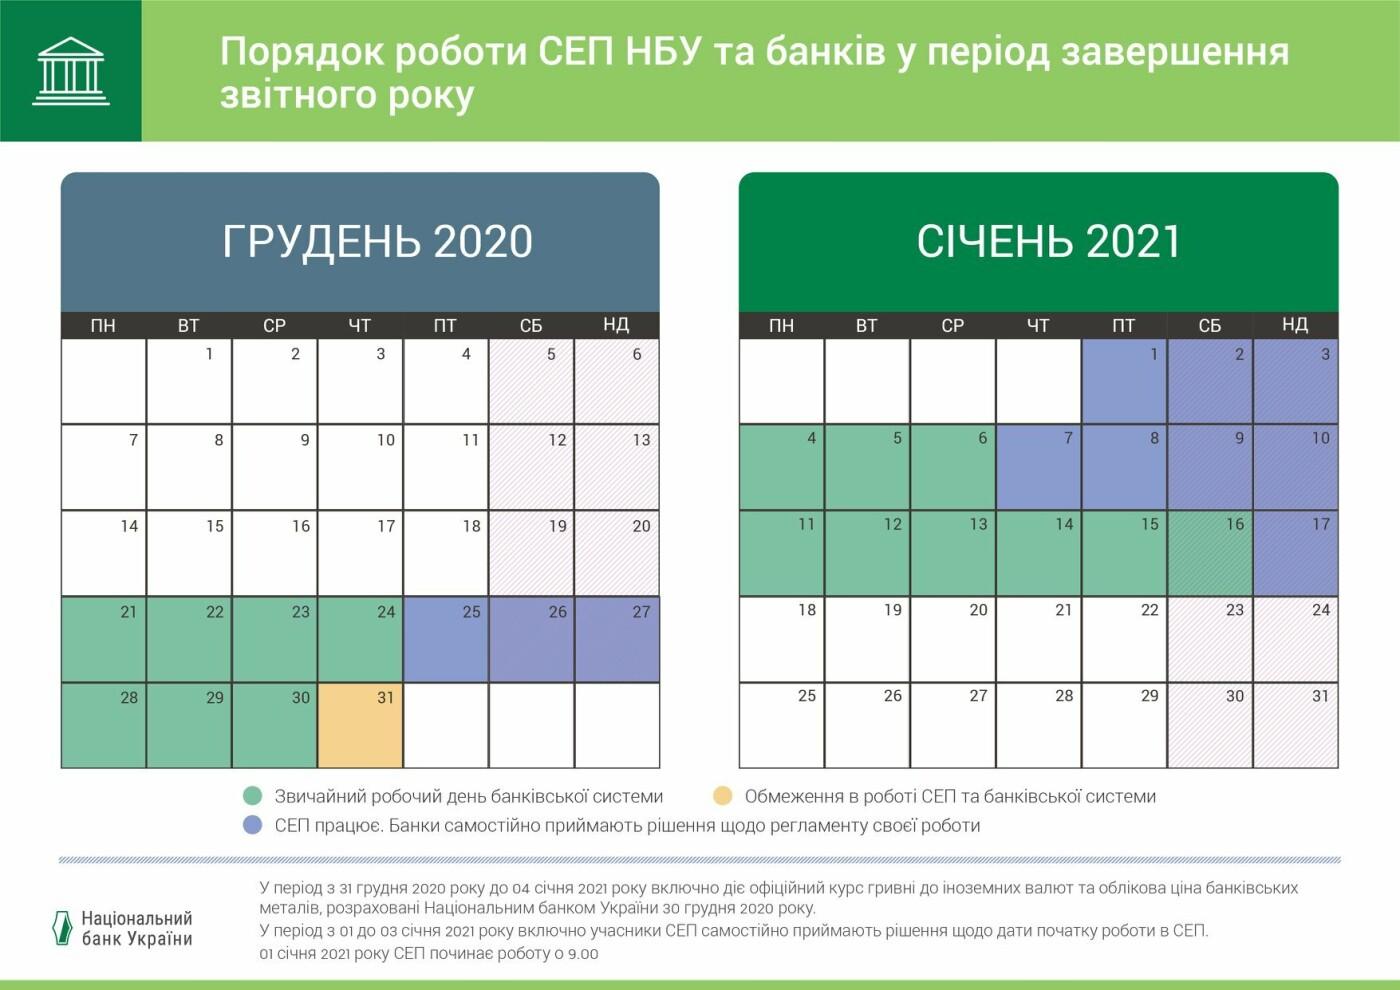 Как в Киеве будут работать банки на Новый год и Рождество, Фото Нацбанка